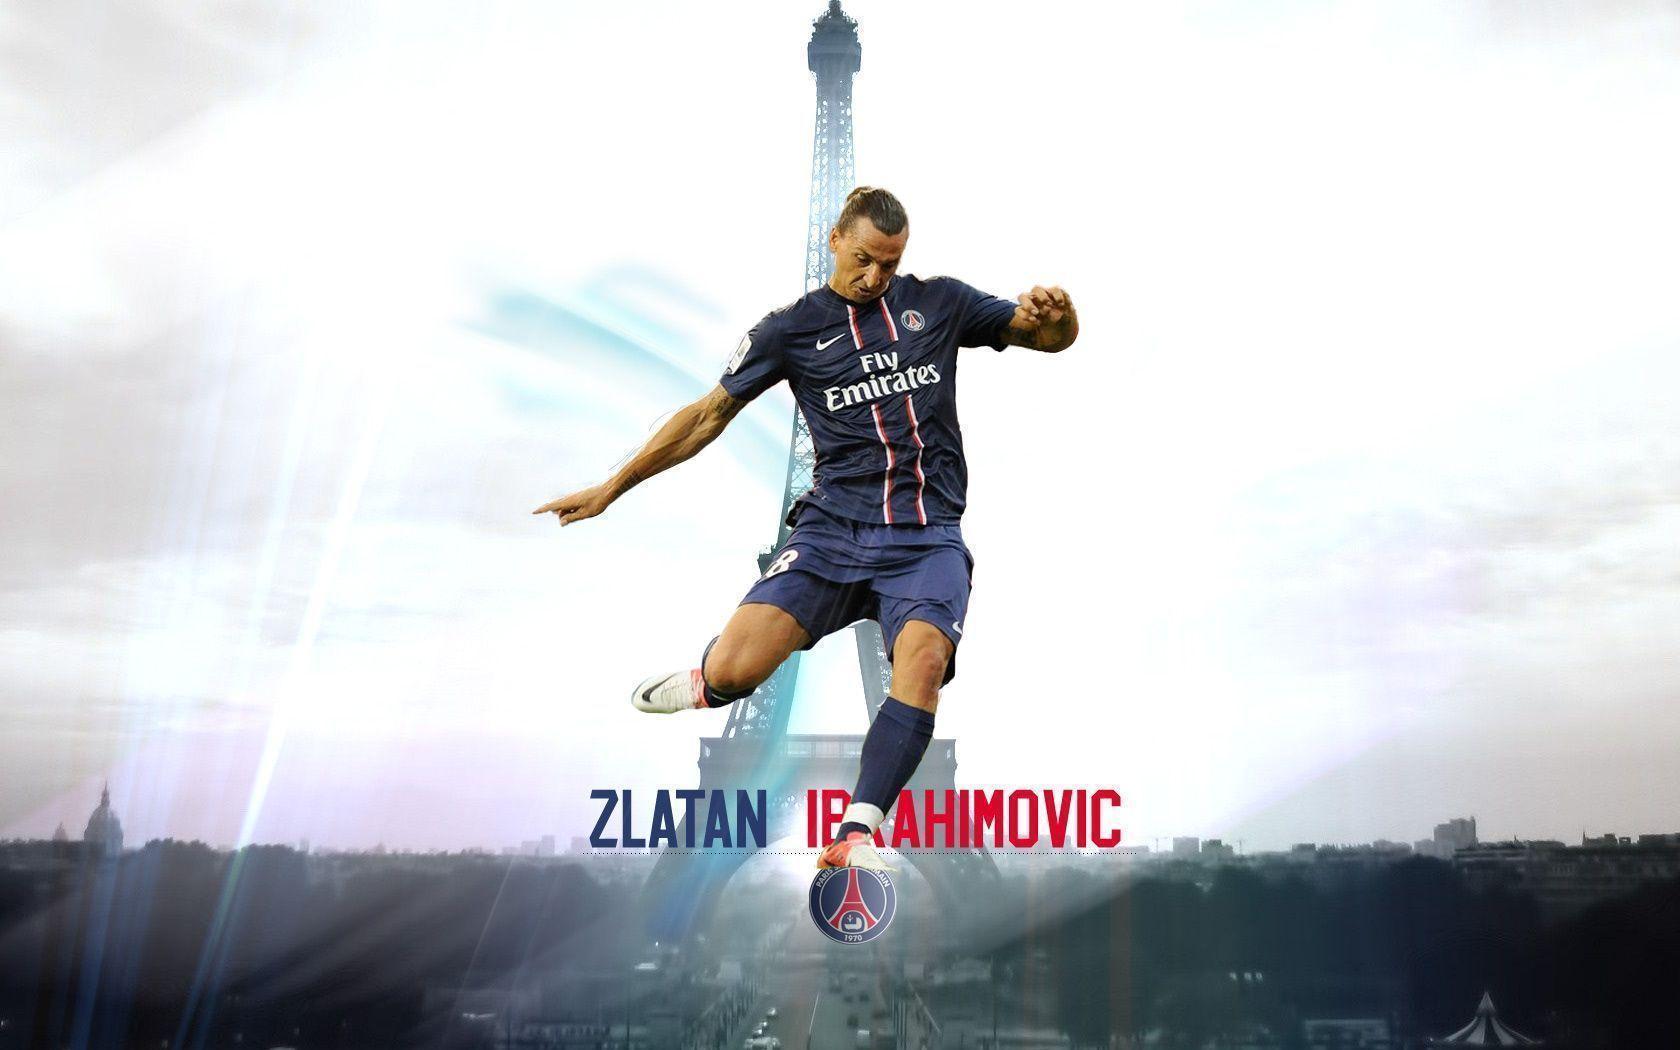 Zlatan Ibrahimovic Wallpapers - Taringa!